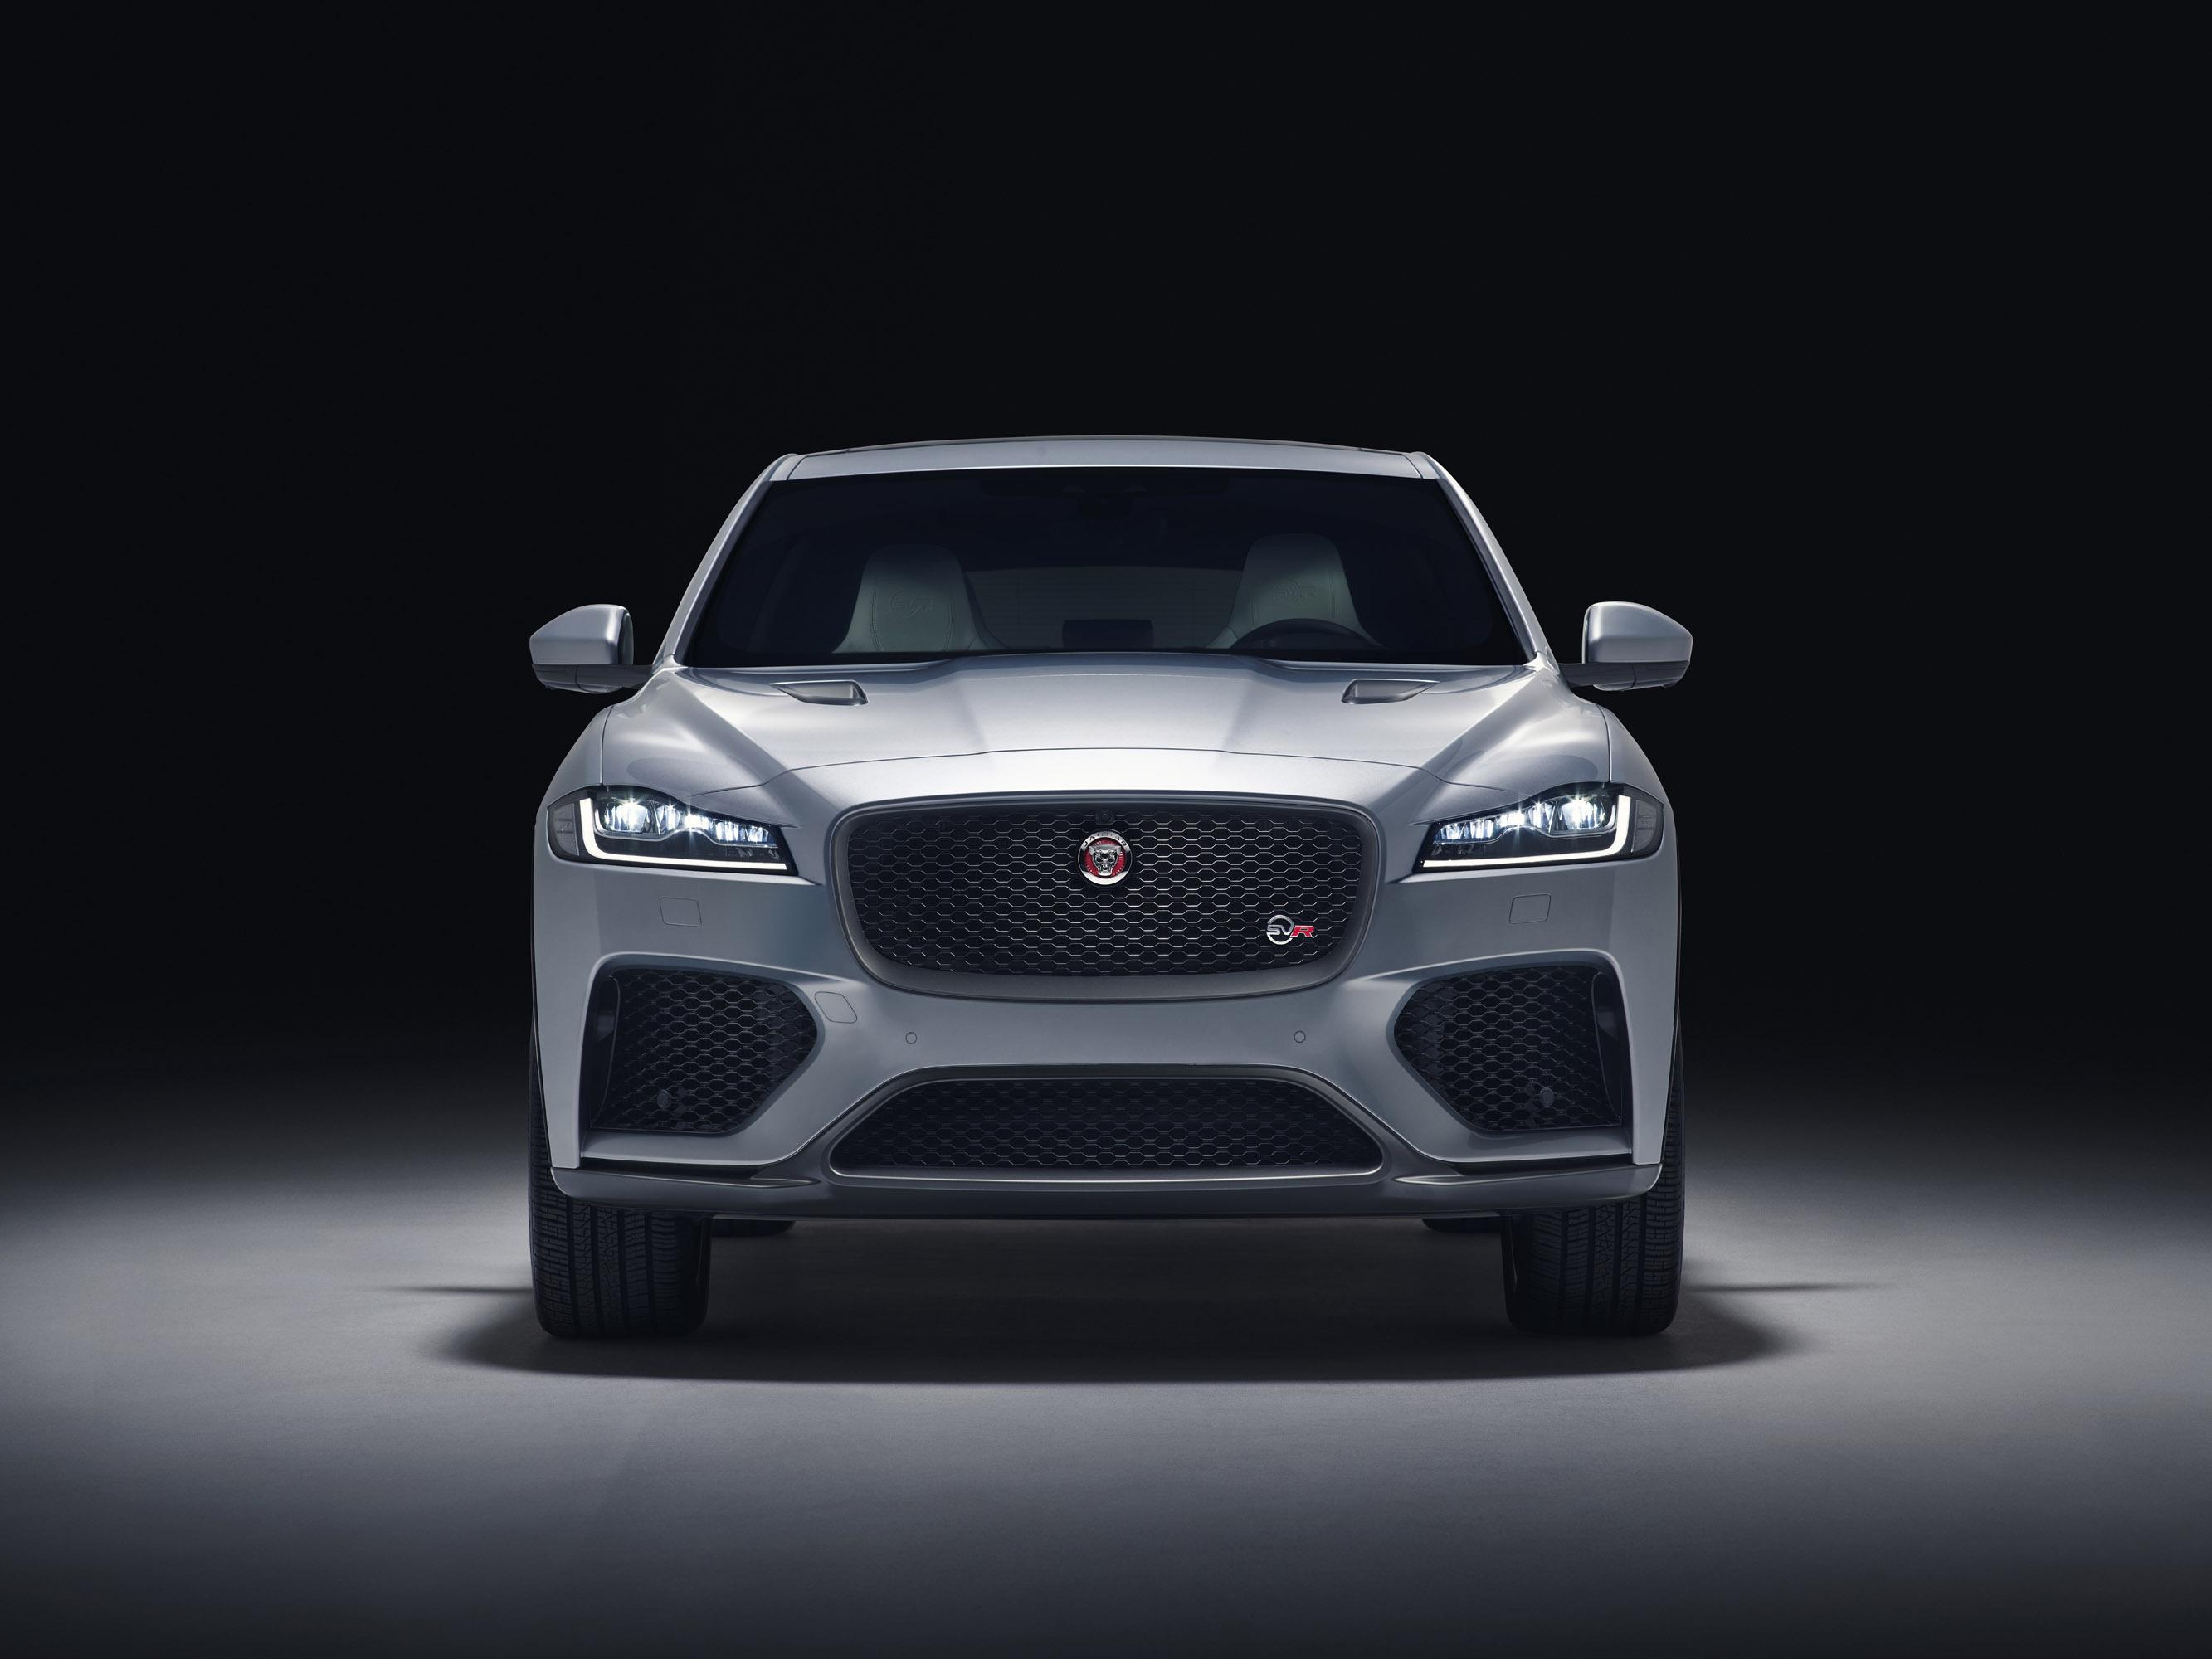 По словам Jaguar, это, безусловно, самый мощный и гибкий автомобиль, который они создали. И учитывая, что он разработан командой Special Vehicle Operations, мы склонны верить компании.